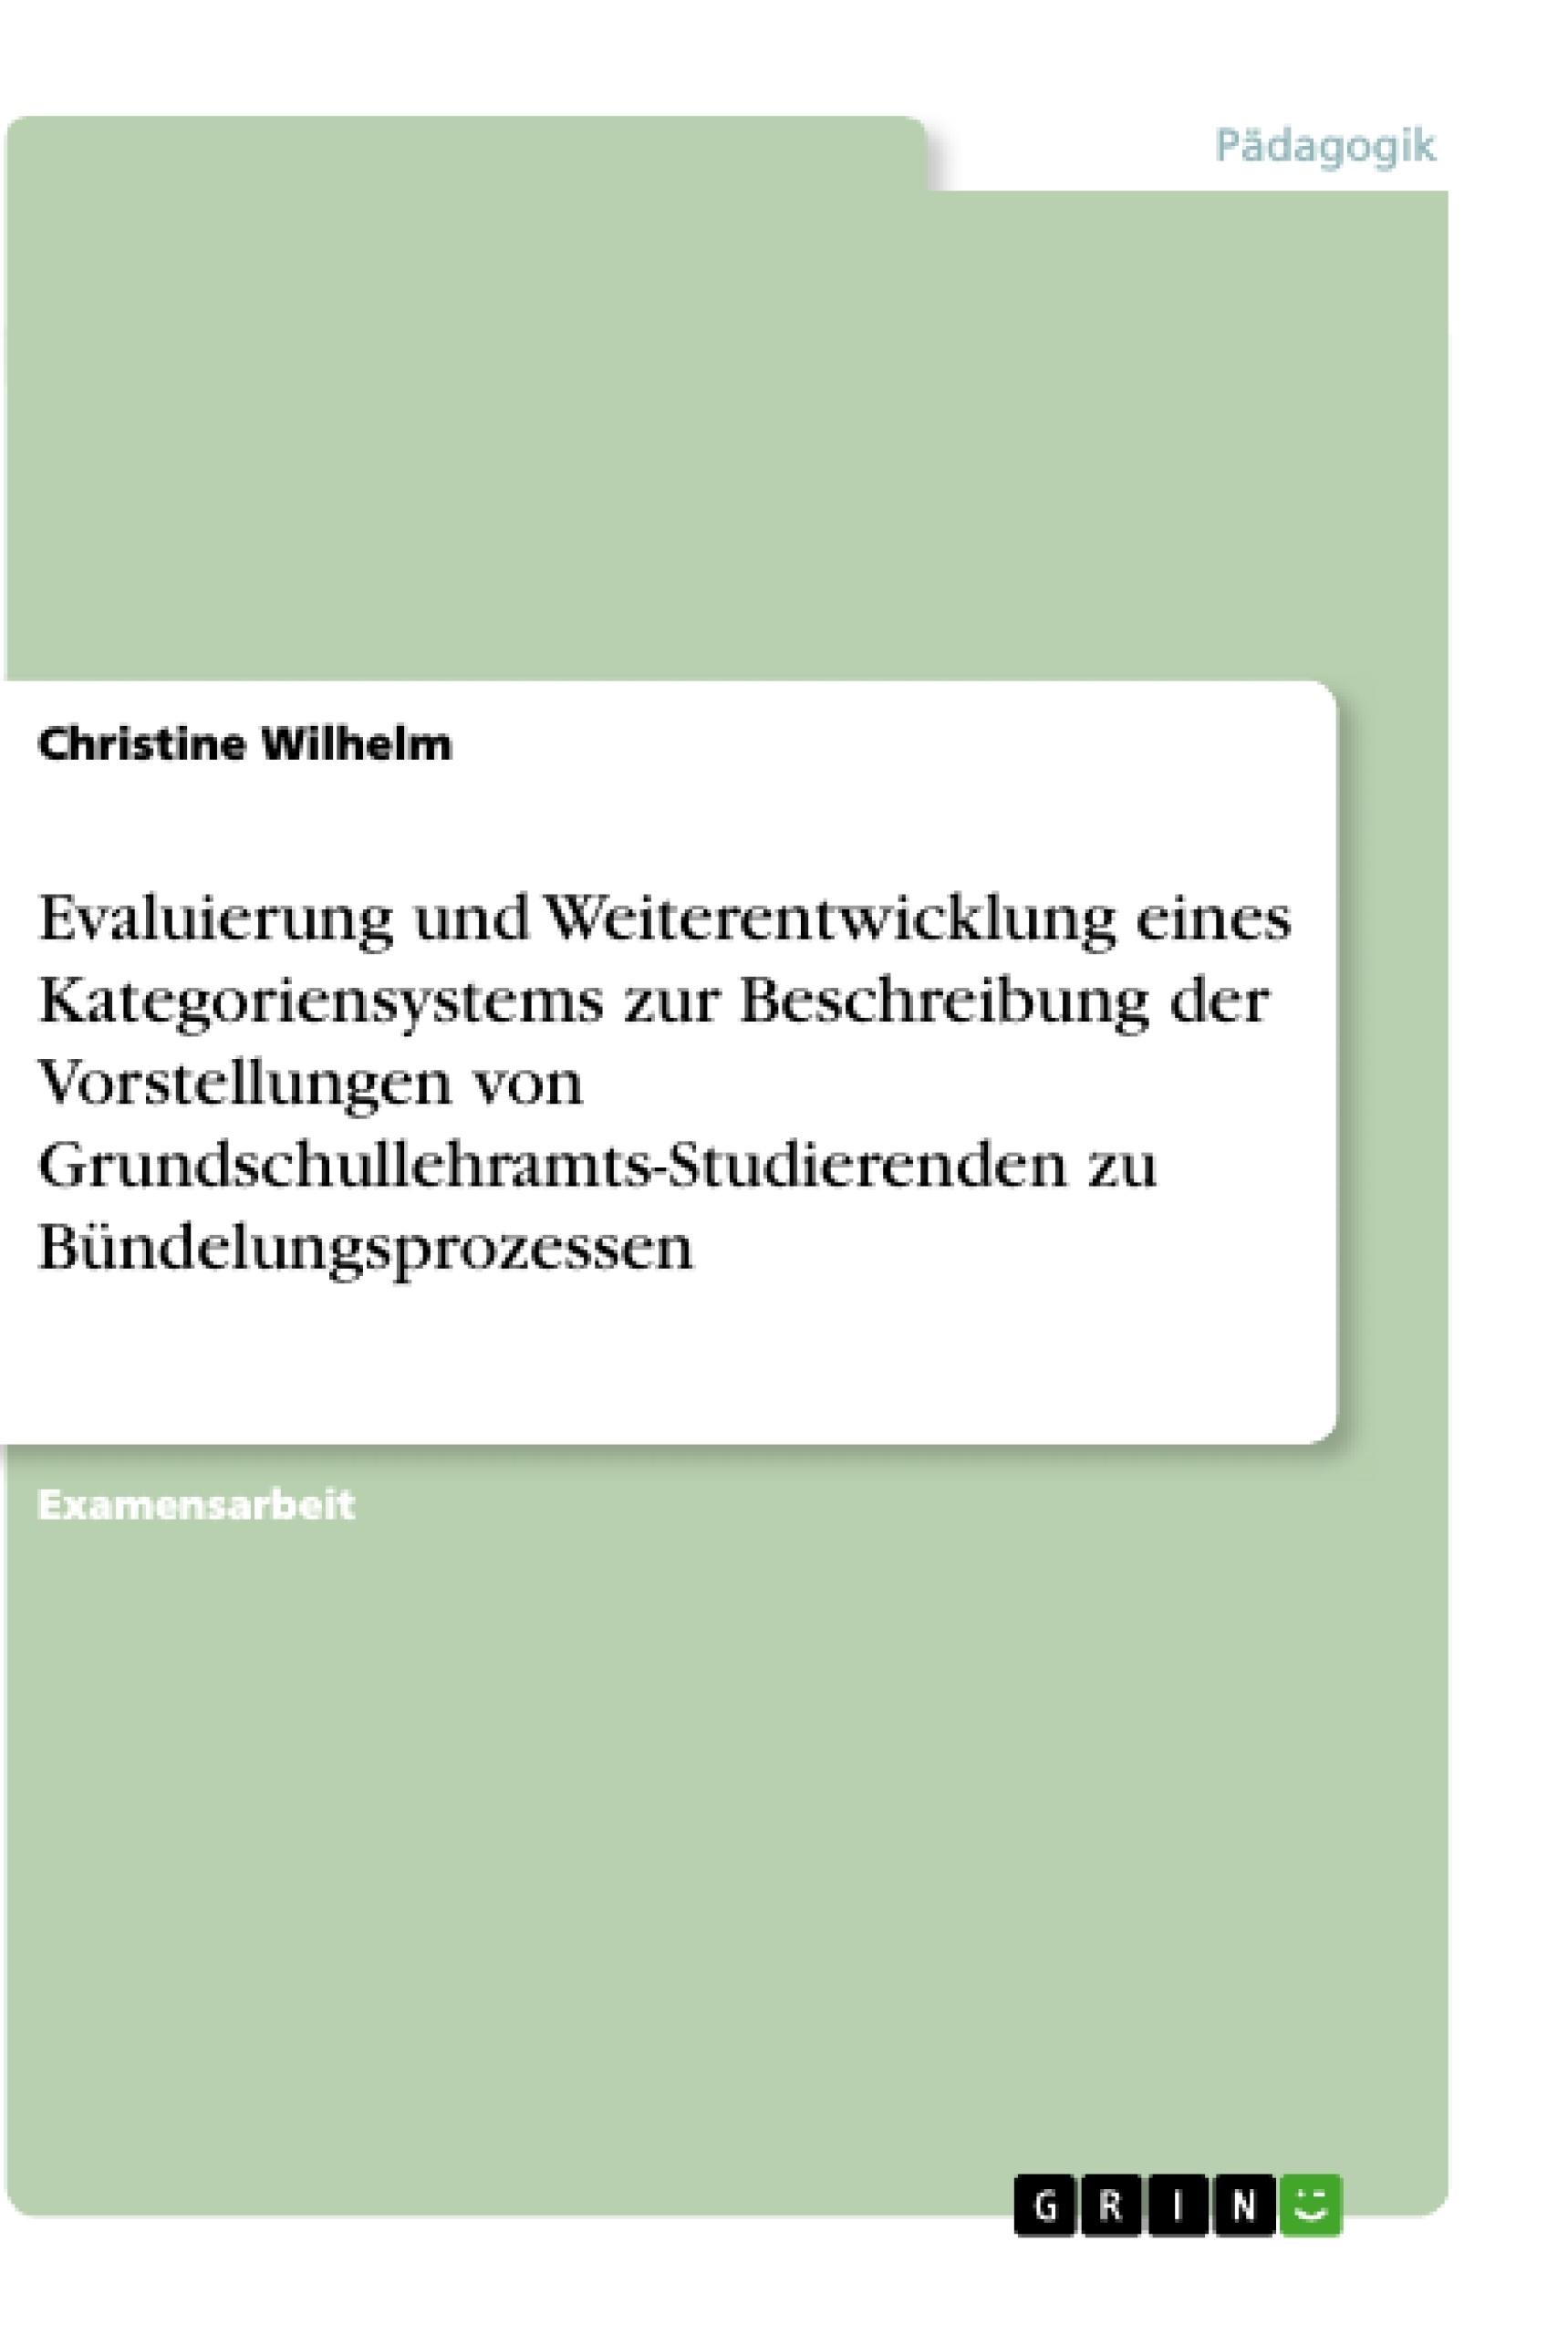 Titel: Evaluierung und Weiterentwicklung eines Kategoriensystems zur Beschreibung der Vorstellungen von Grundschullehramts-Studierenden zu Bündelungsprozessen